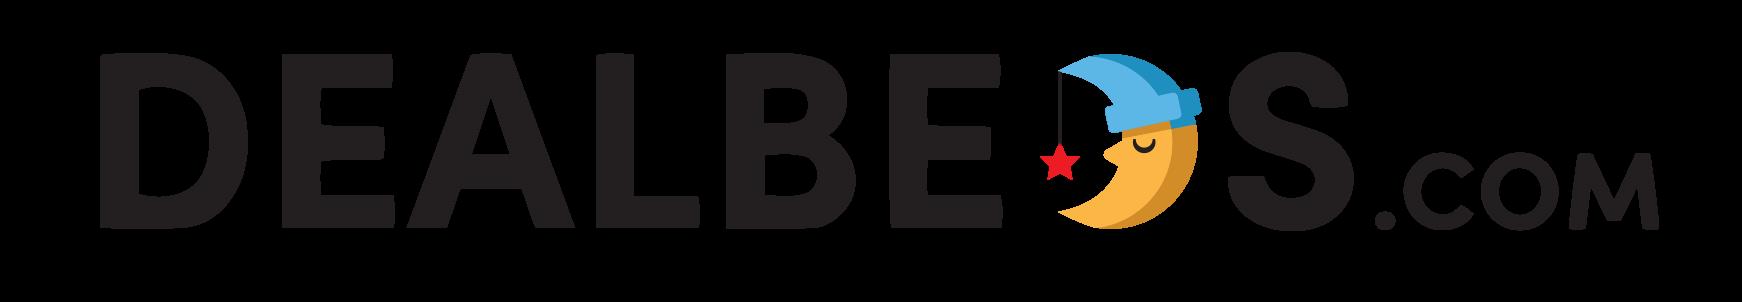 DealBeds Logo